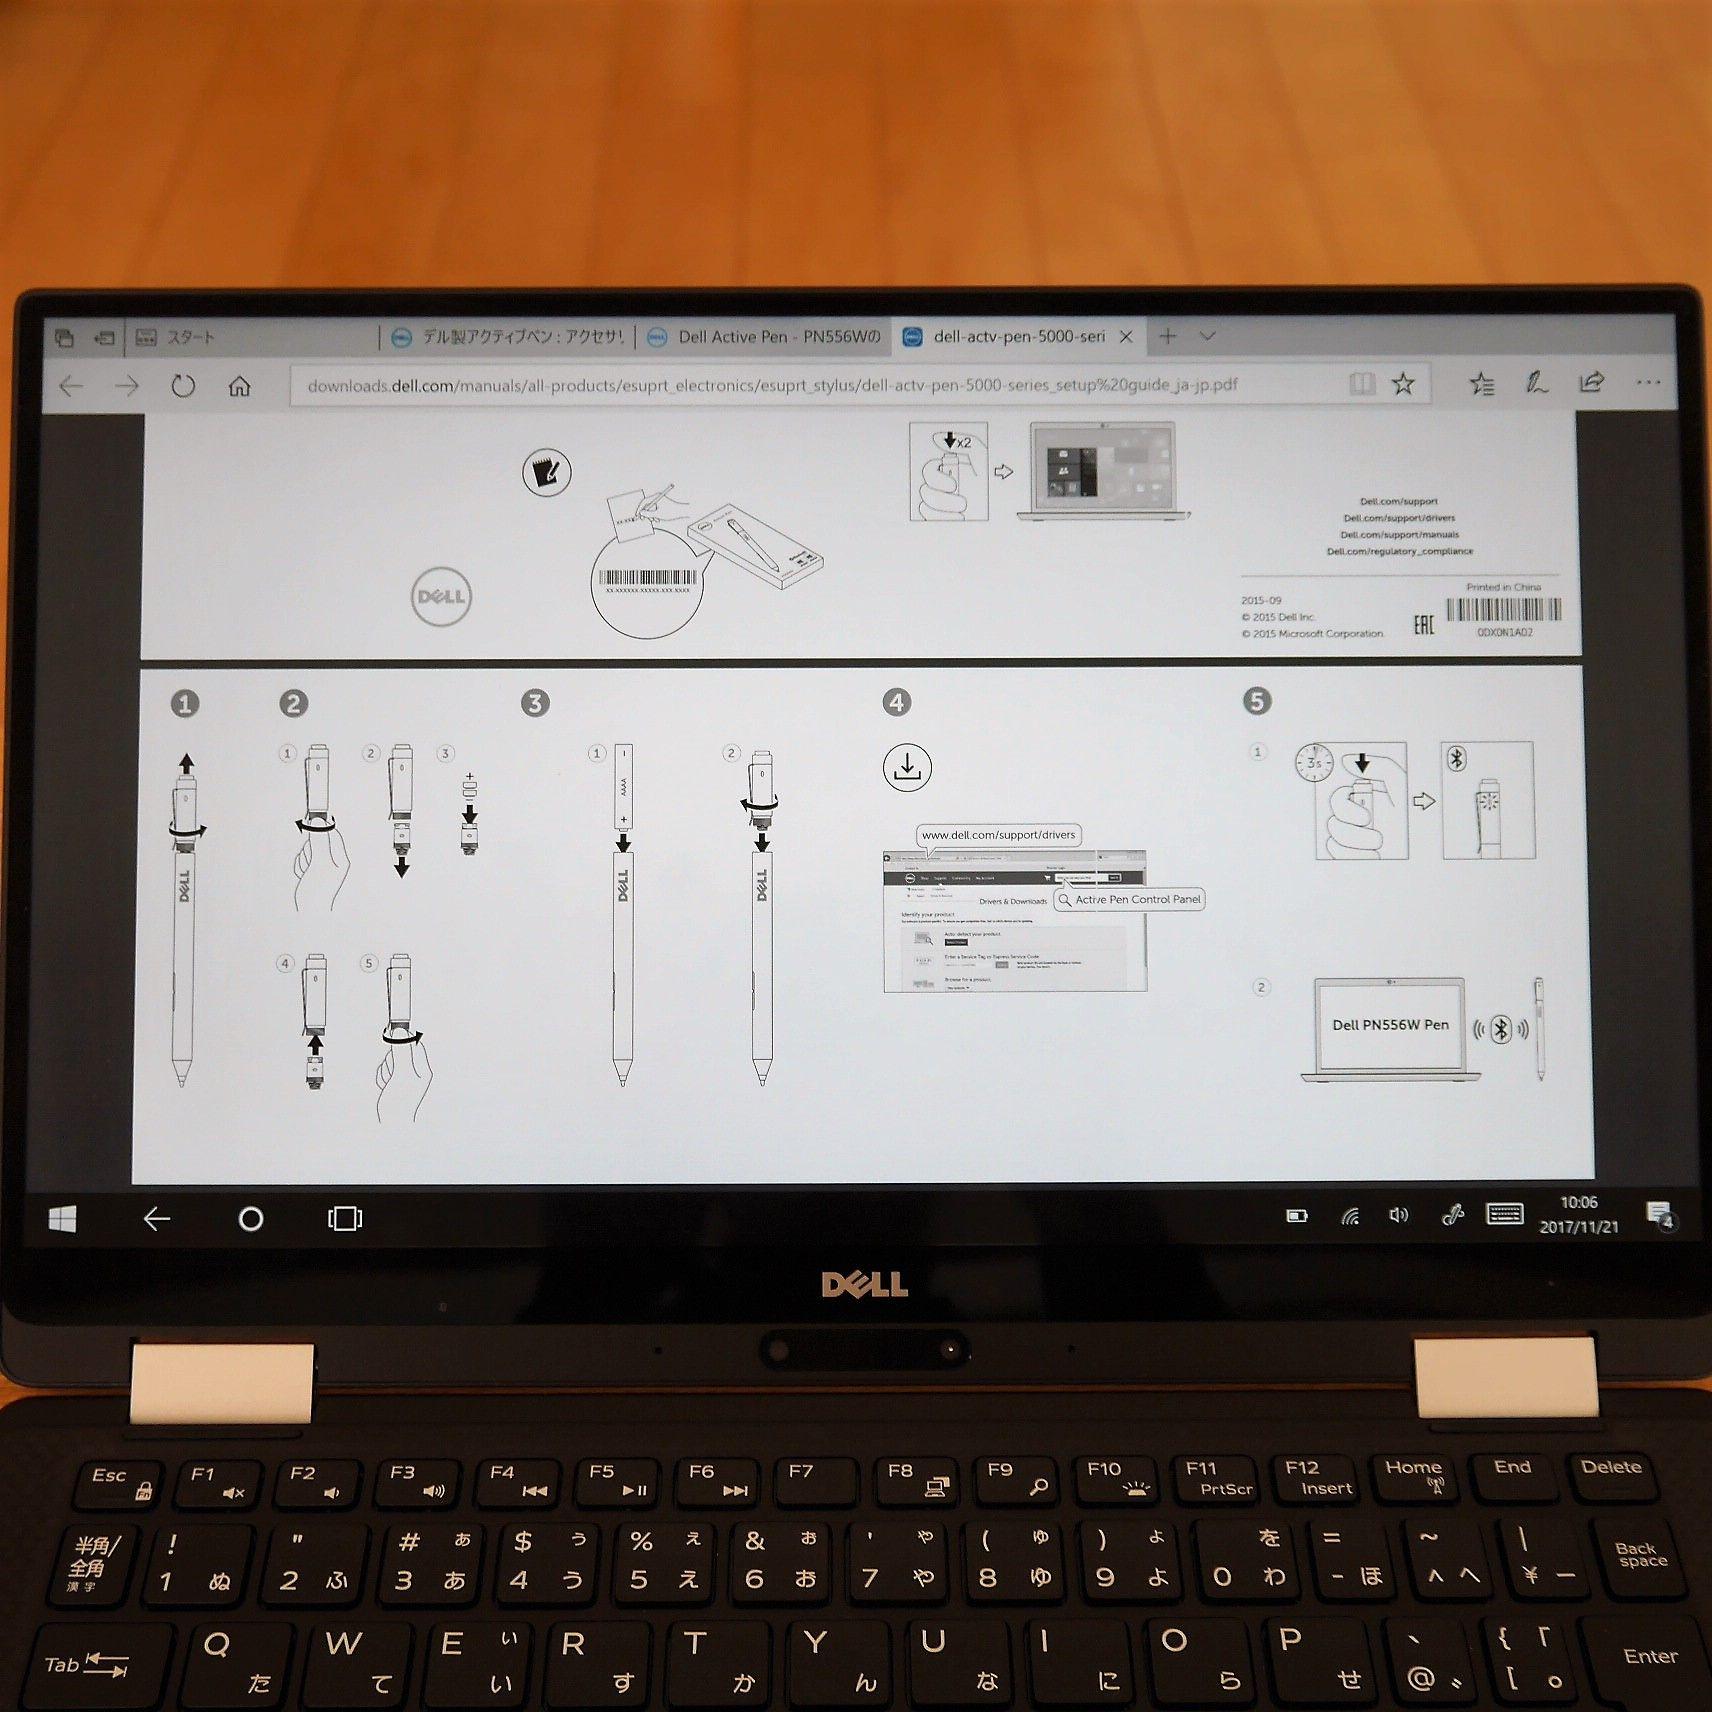 Dell_XPS_スタイラスペン説明書